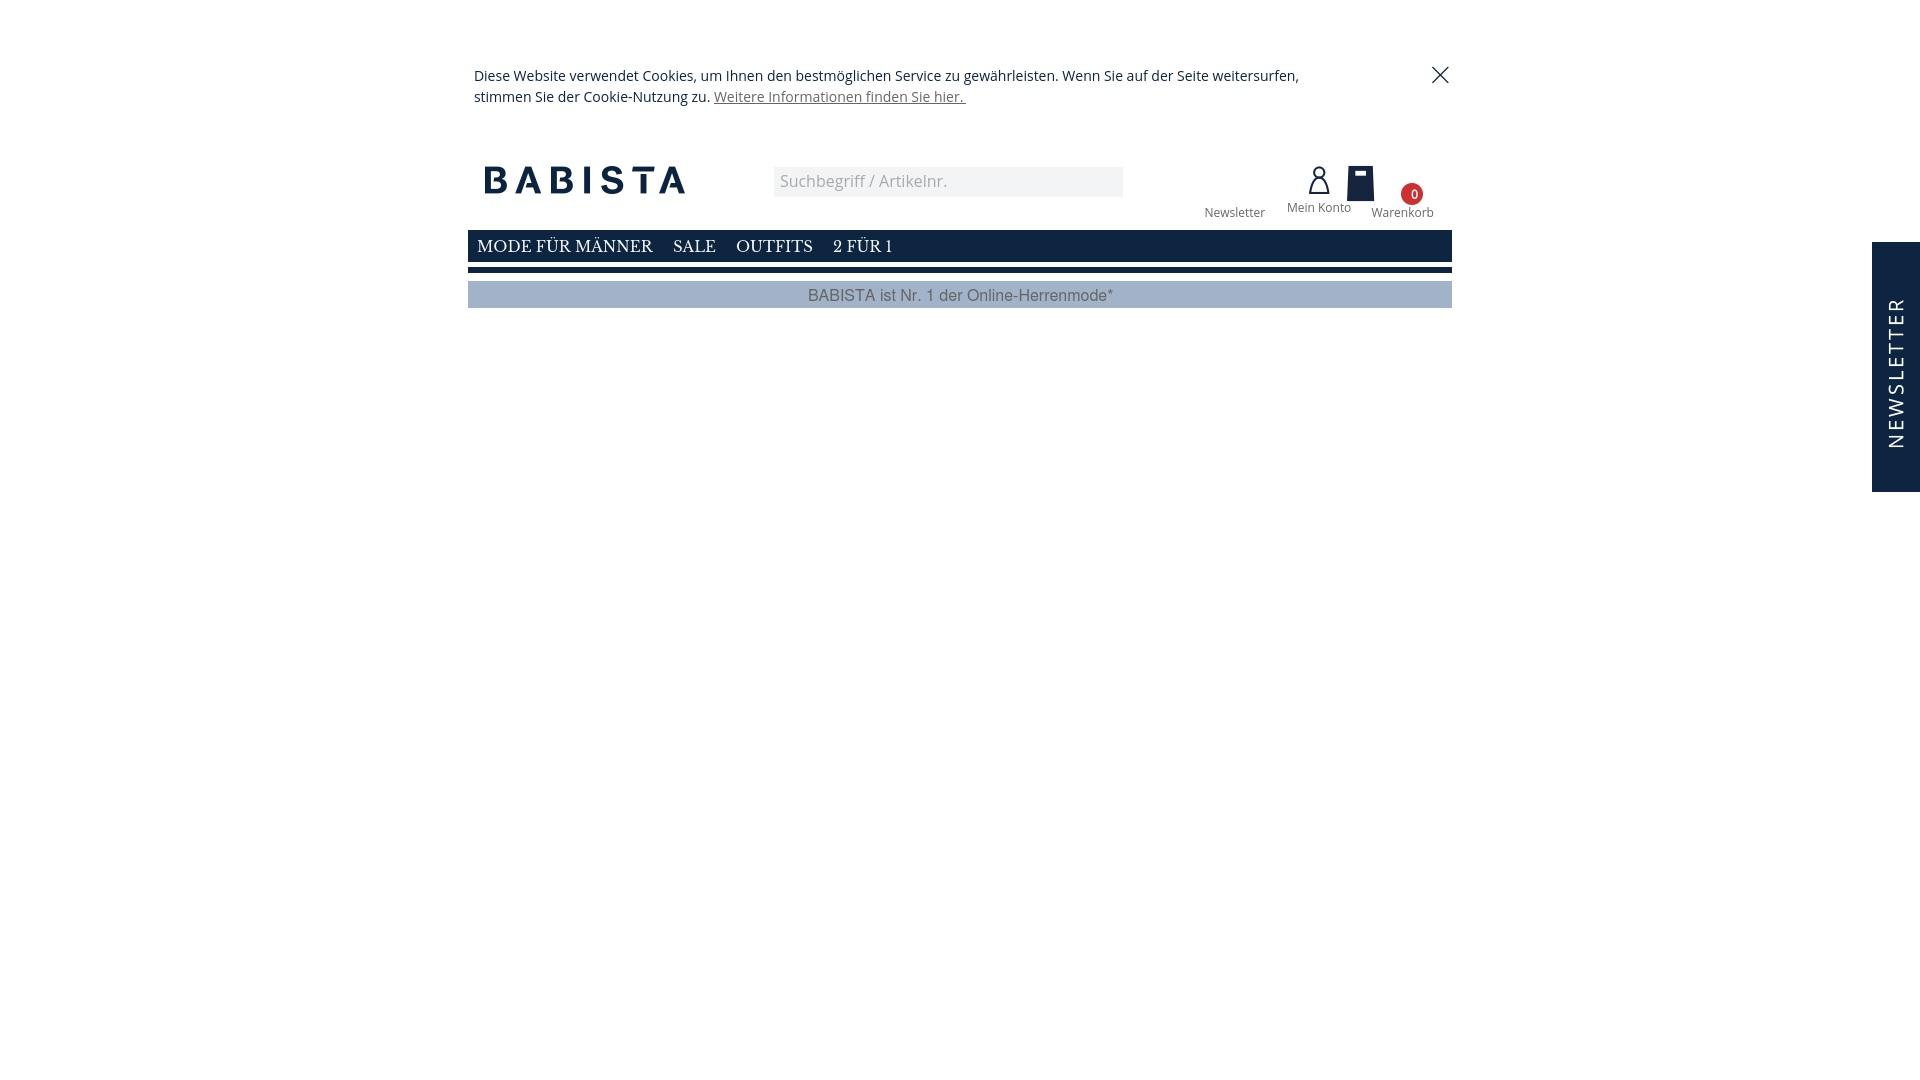 Geld zurück bei Babista: Jetzt im Juli 2021 Cashback für Babista sichern